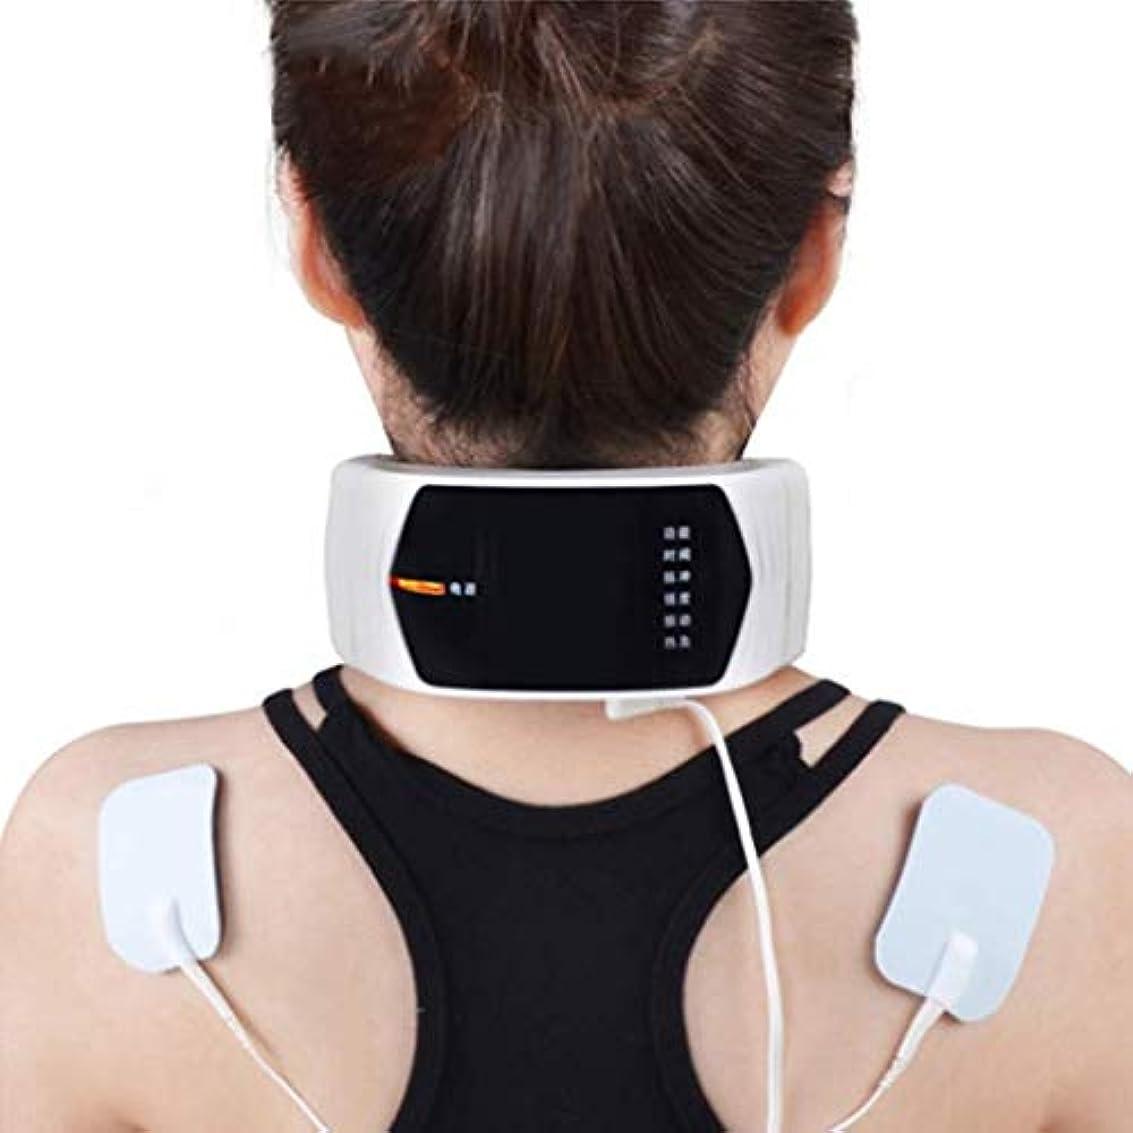 思い出ボタンハシー電動マッサージャー、パルスネック頸部マッサージャー、ワイヤレスリモコンマッサージツール、インテリジェント理学療法マッサージャープラスアダプター